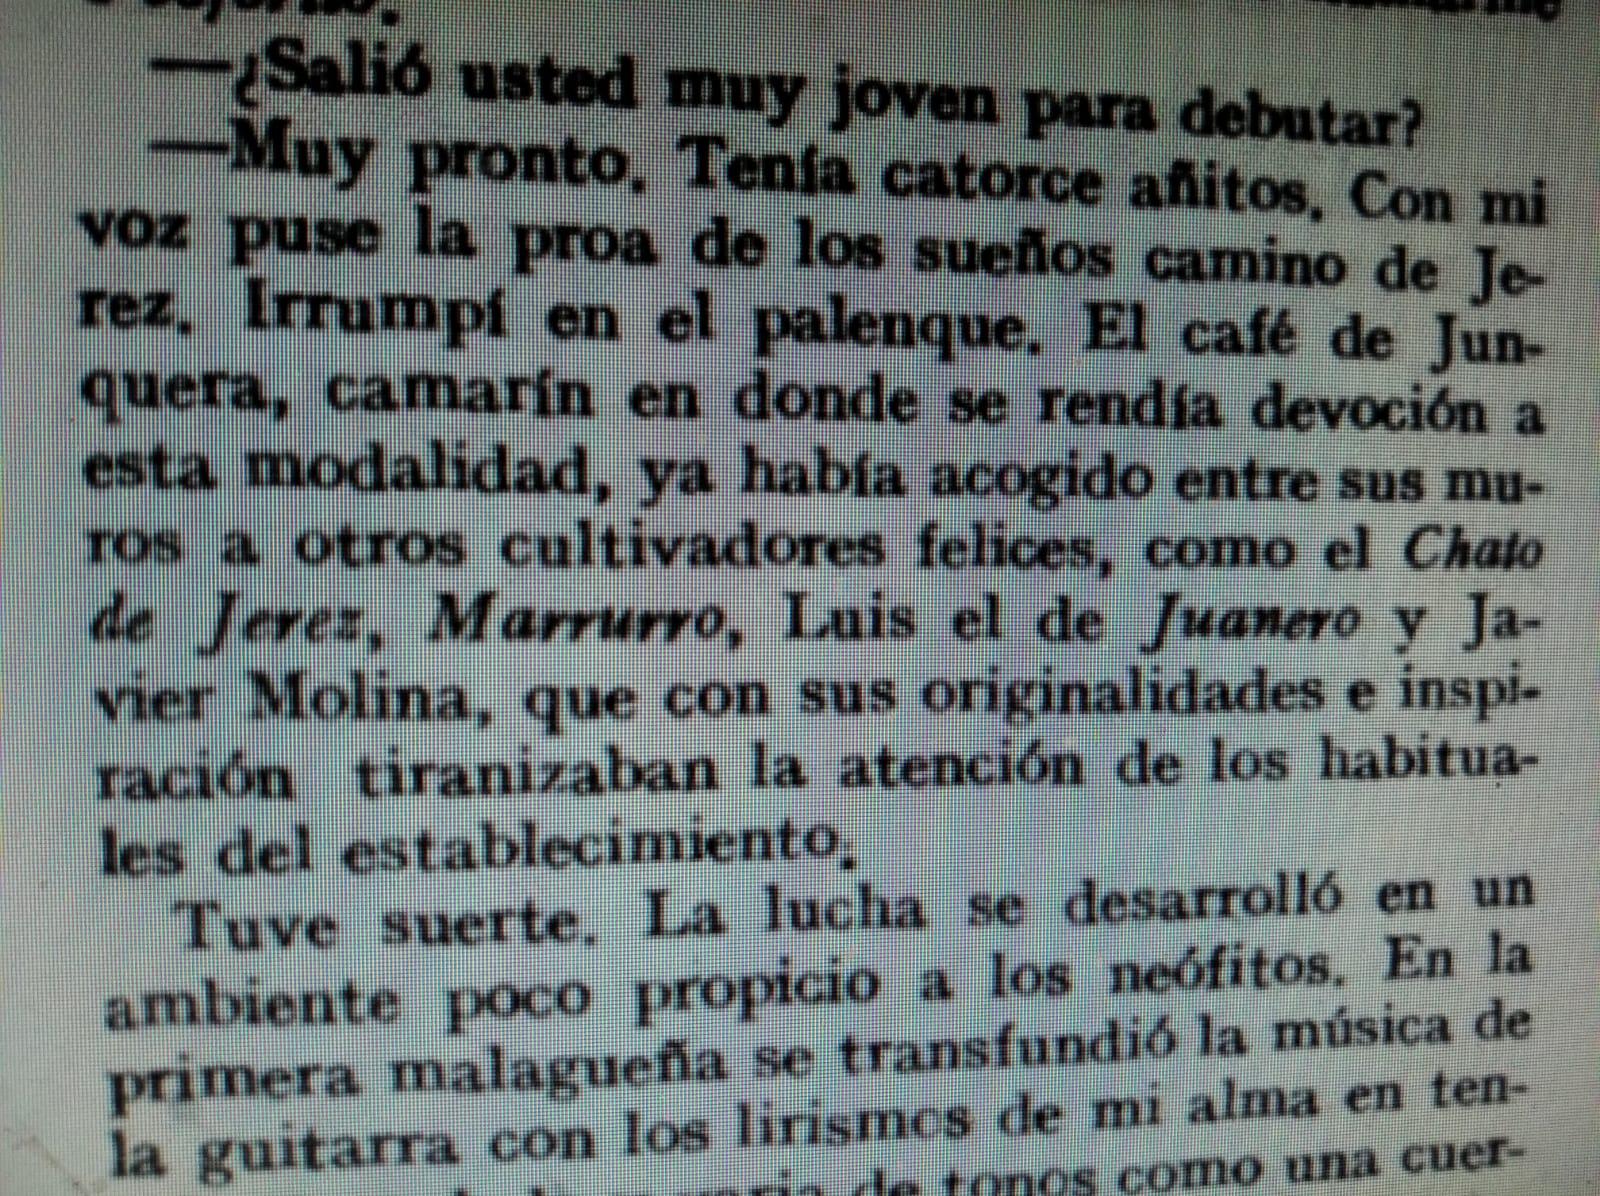 Entrevista a Fosforito de Cádiz, de 1931, en Estampa, donde asegura que el Marrurro cantó en el café de Junquera, en el Palenque. Fosforito lo tuvo que escuchar porque en sus inicios estuvo muy vinculado a Jerez.